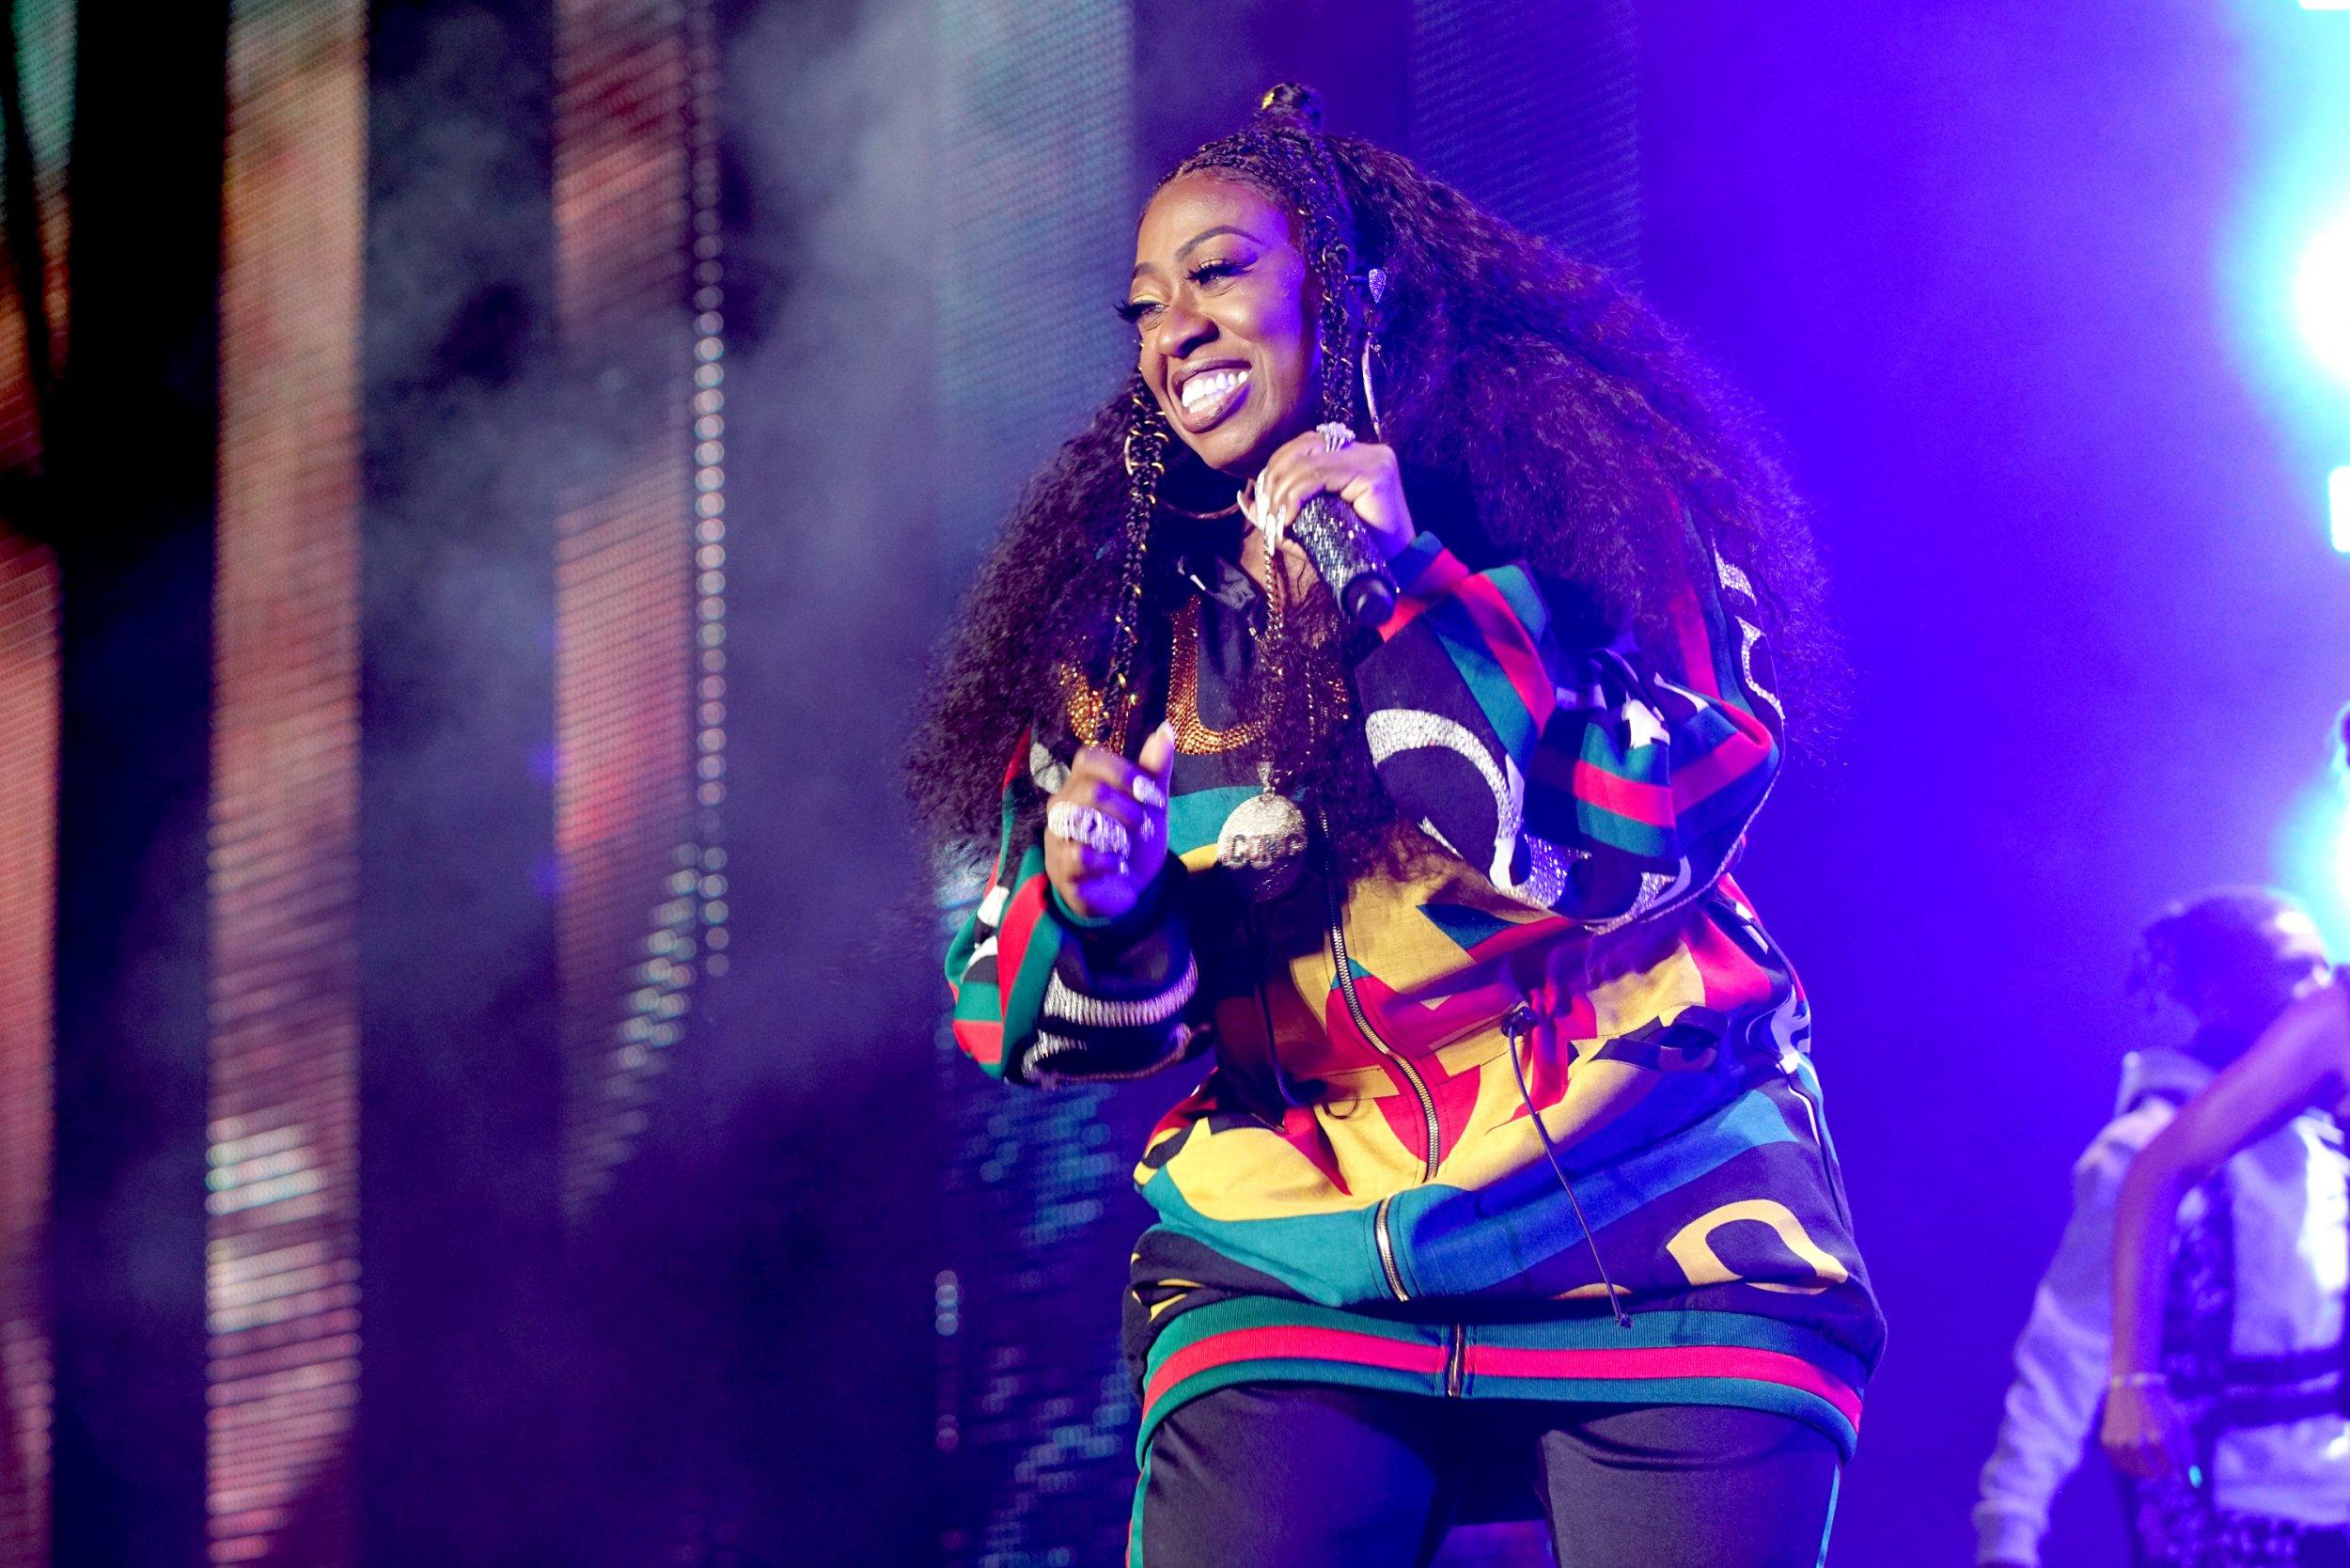 Missy Elliott Impressed By Fan's 'Work It' Cover